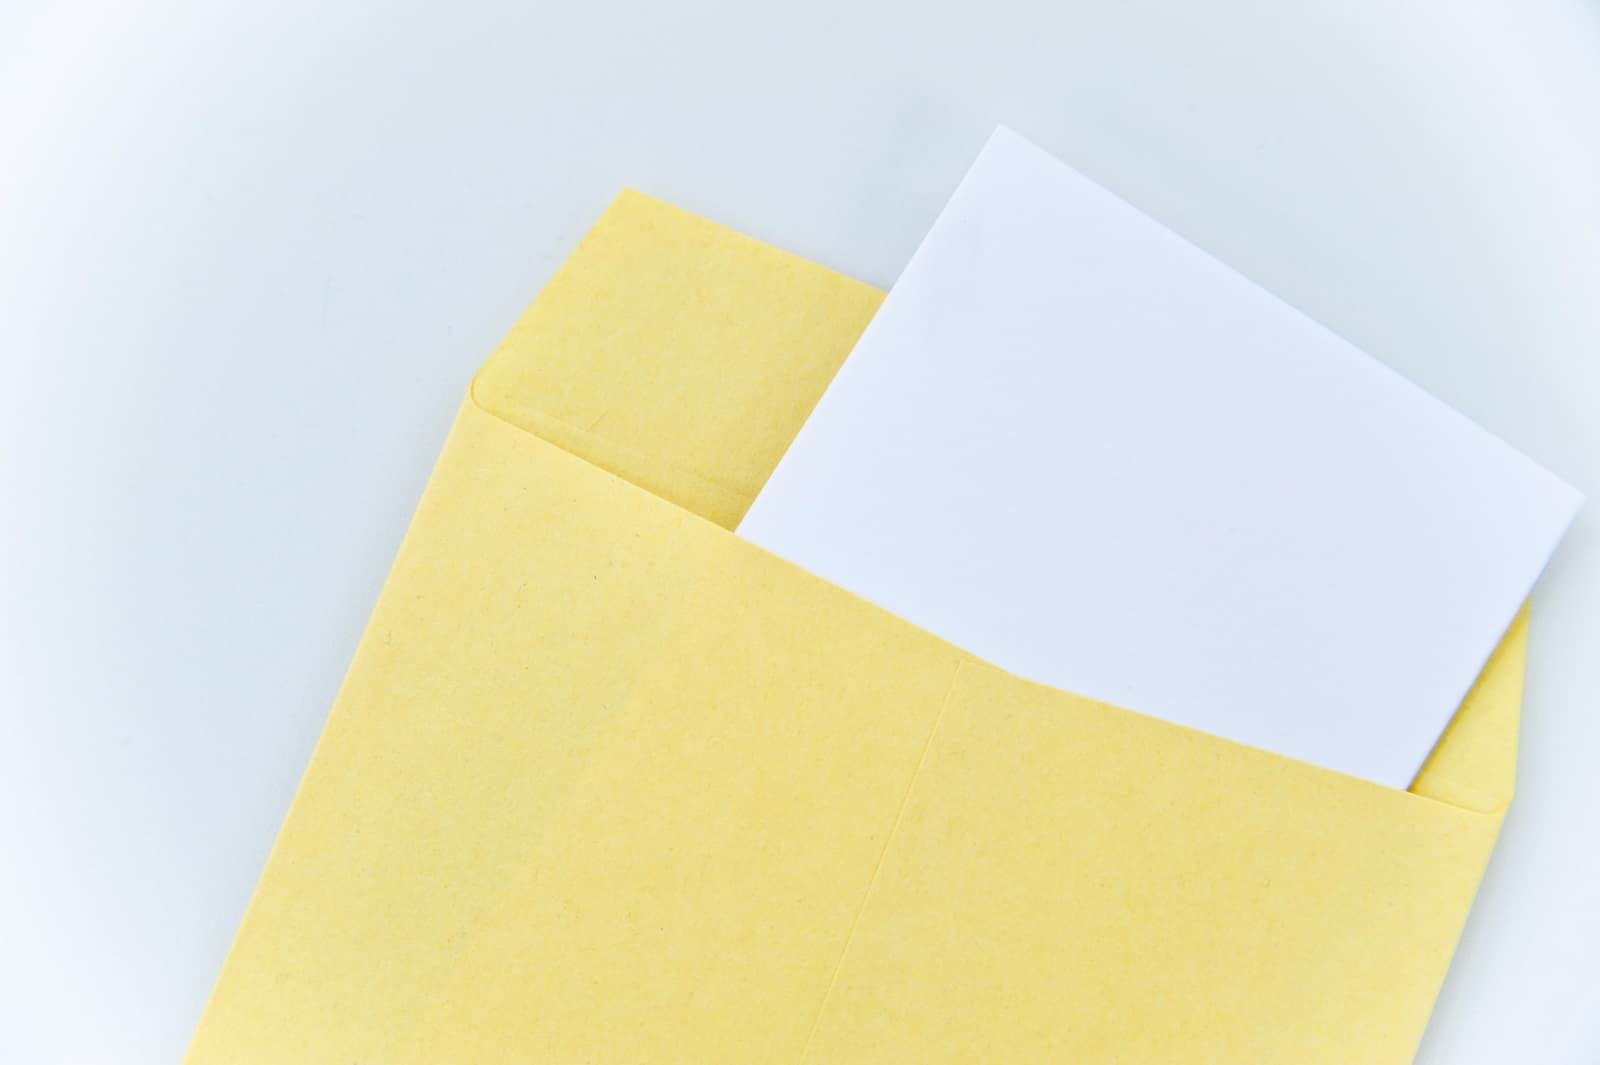 結婚相談所に登録時に必要なものは何?